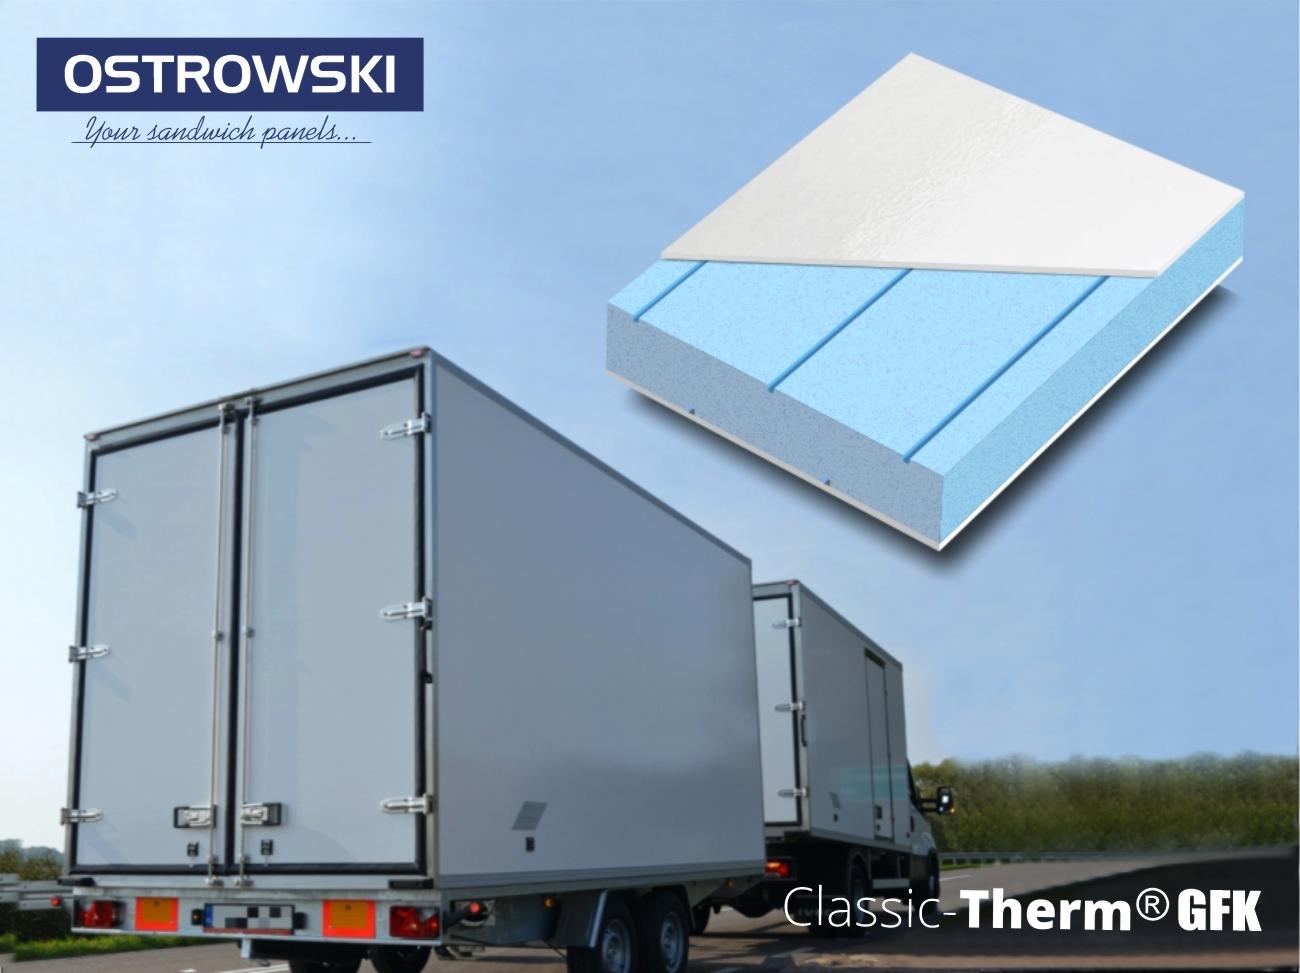 Composite-Panels-Vehicles-Ostrowski-Sandwich-Panels-Producer.